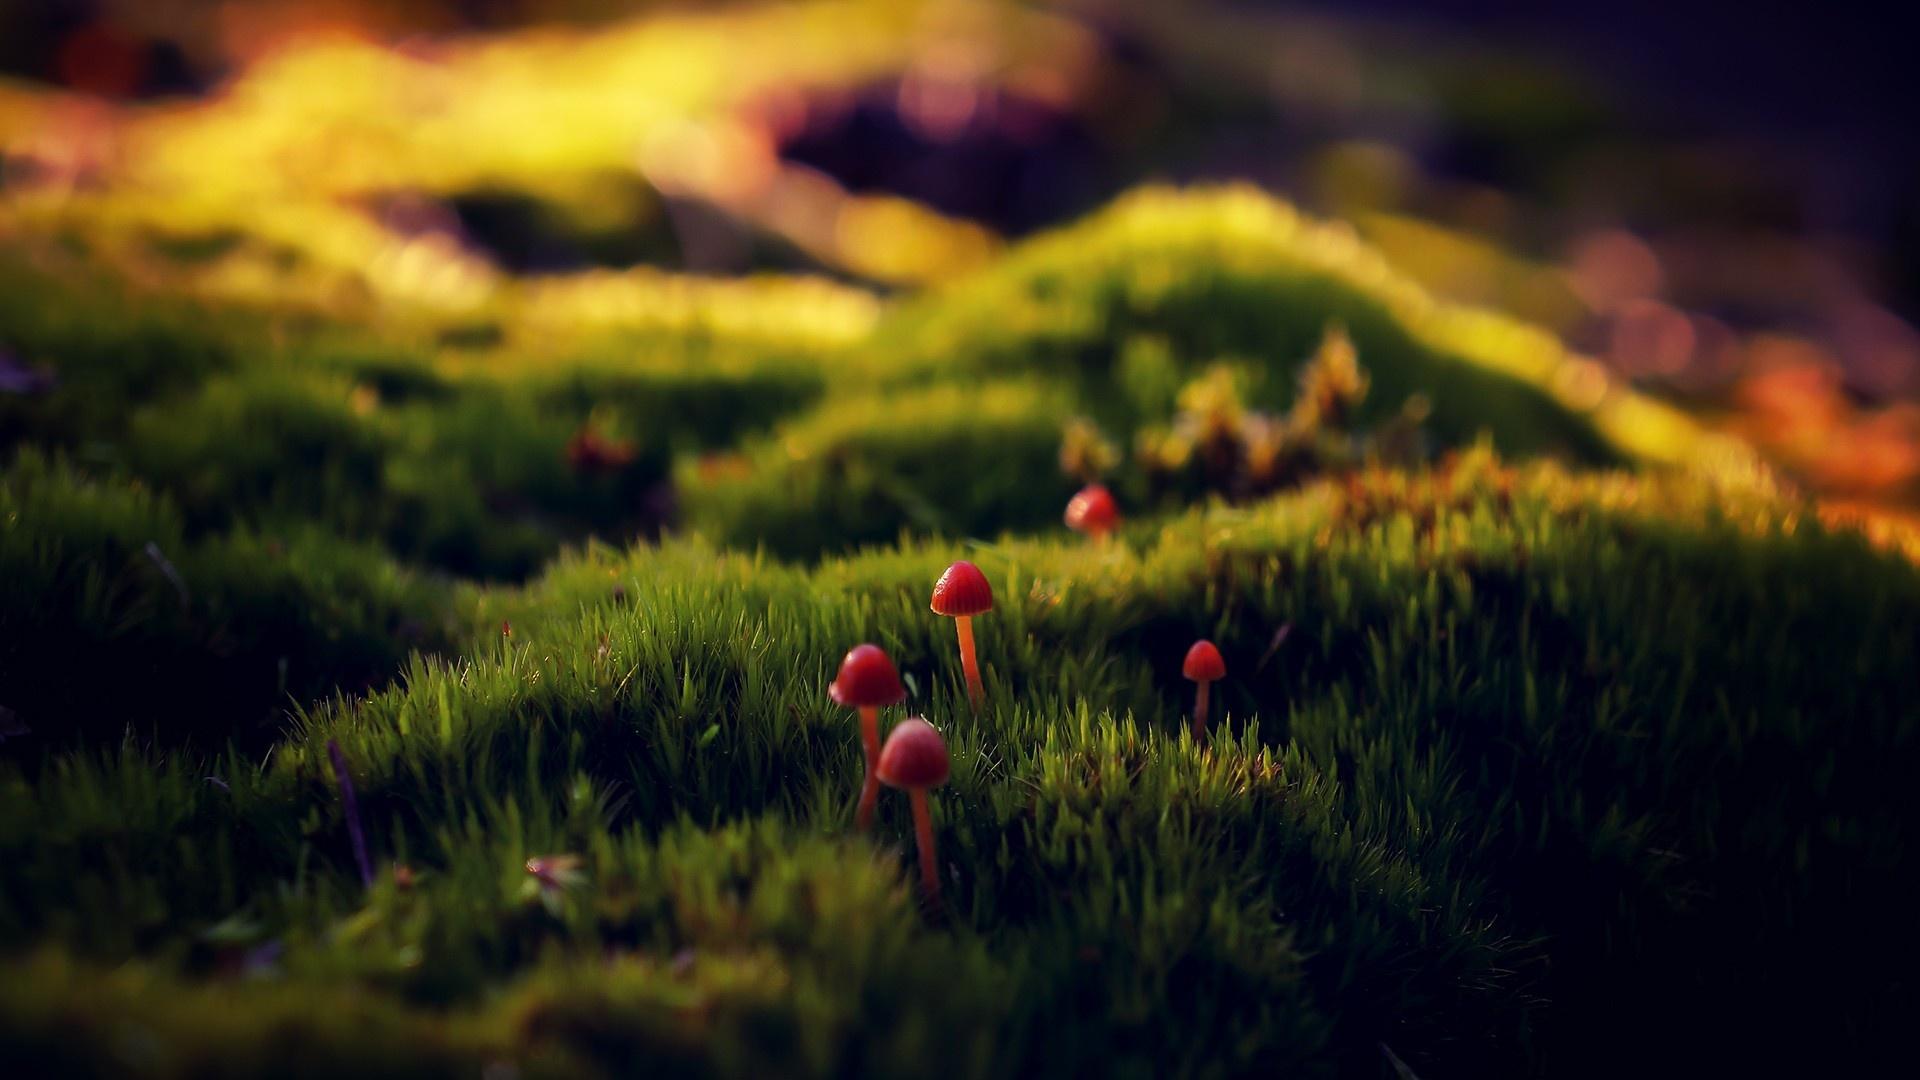 Macro Mushrooms 1920x1080 wallpaper